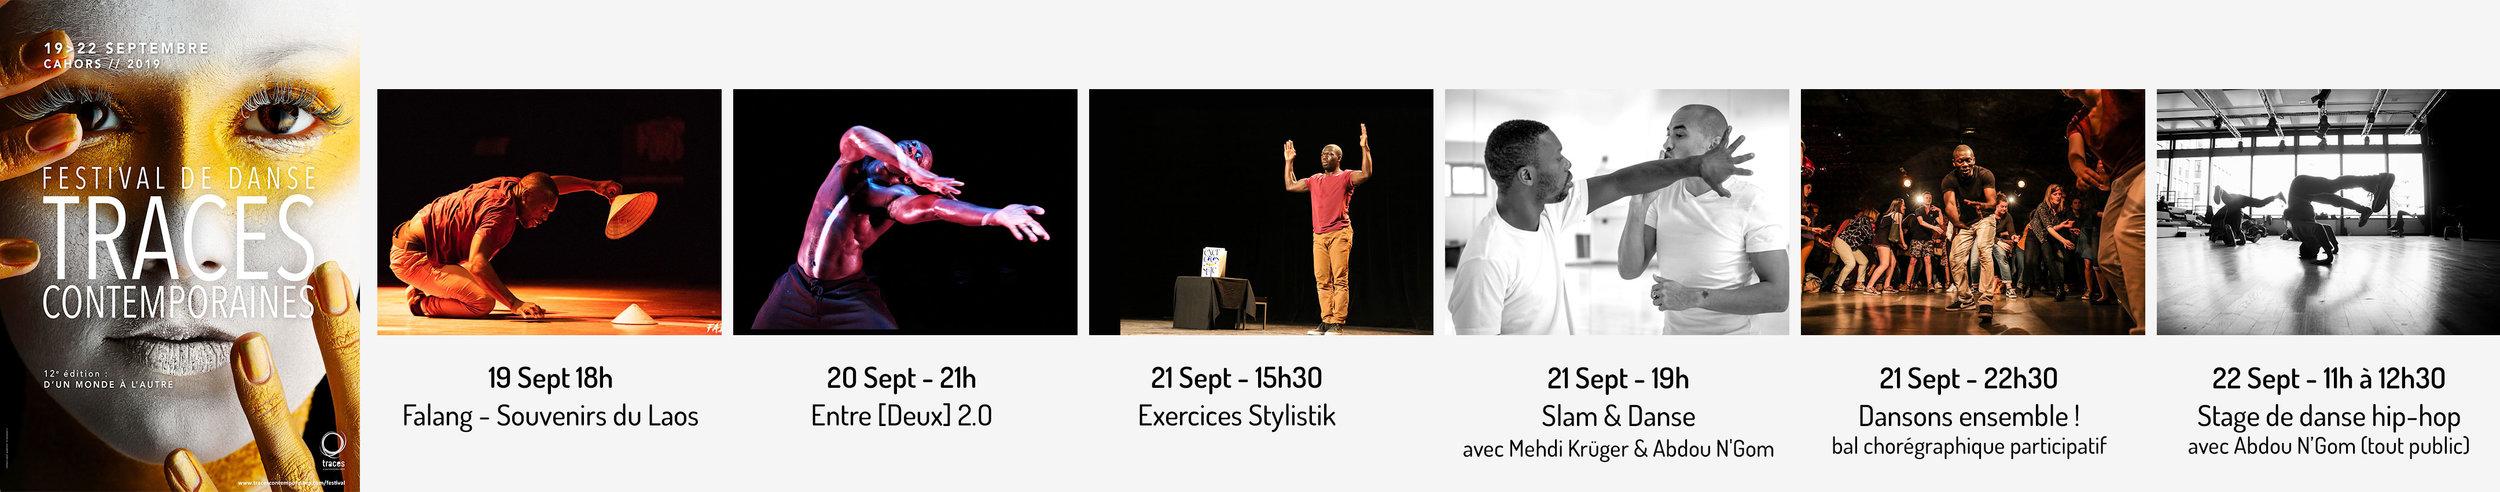 Festival Traces Contemporaines 2019 - Cie Stylistik - Cahors